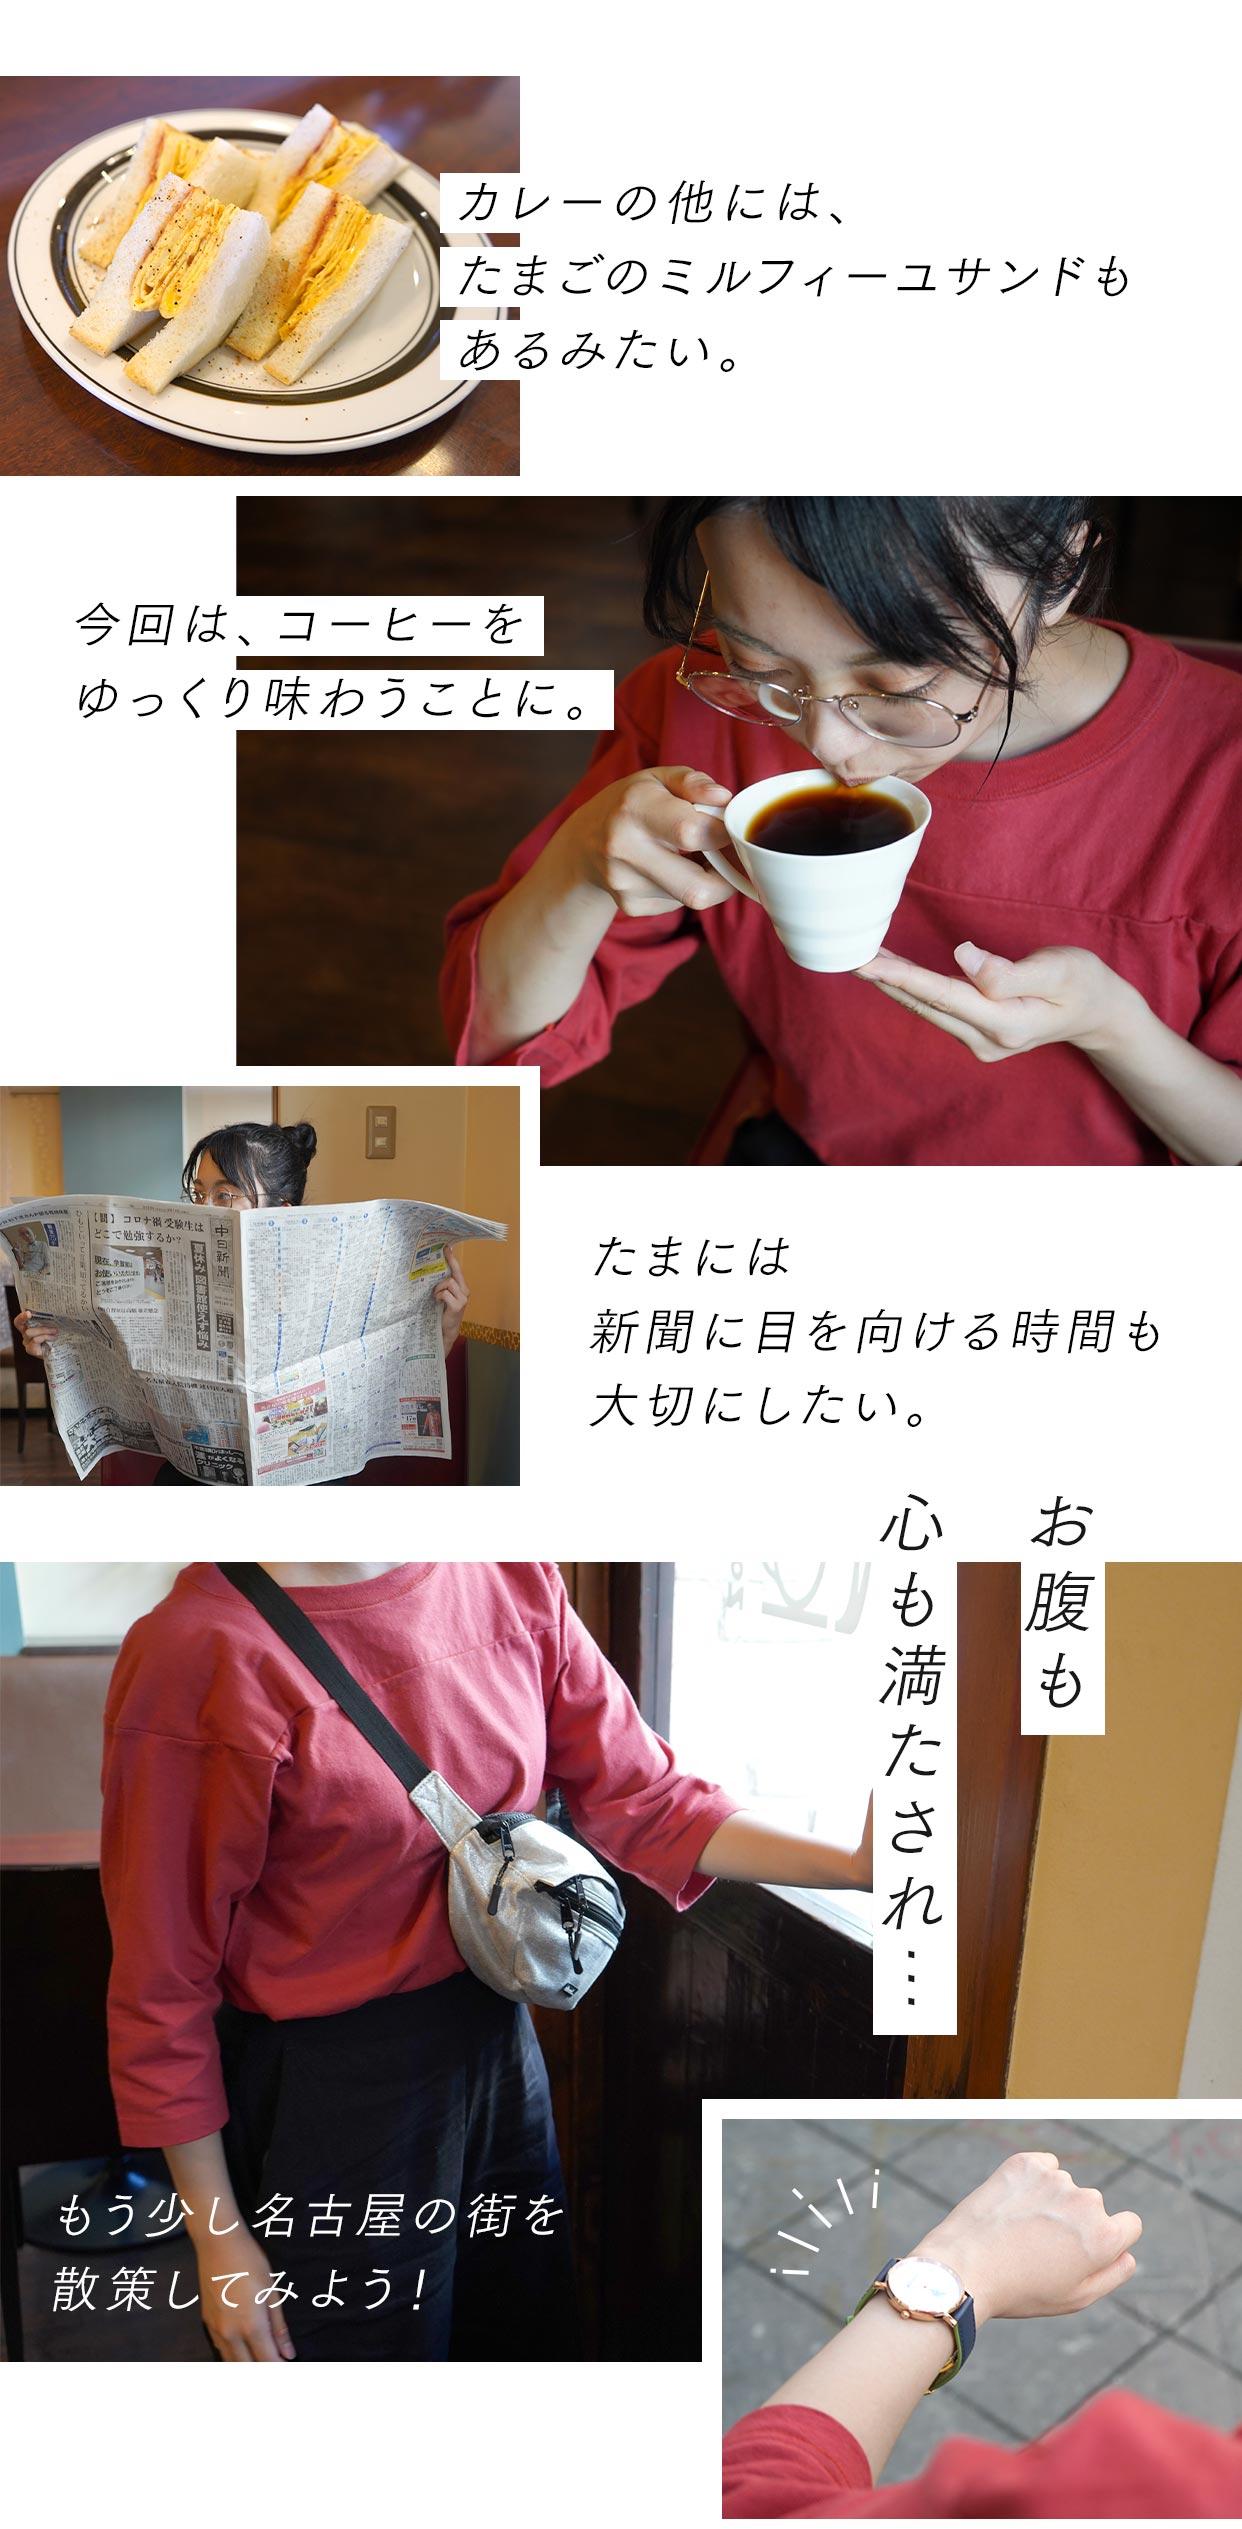 シンプルだからこそ、カレー本来の味わいが楽しめる。名古屋のカレーなら「珈琲 門」 - E2CE9934 496D 458F 98E3 23DA66005B3D